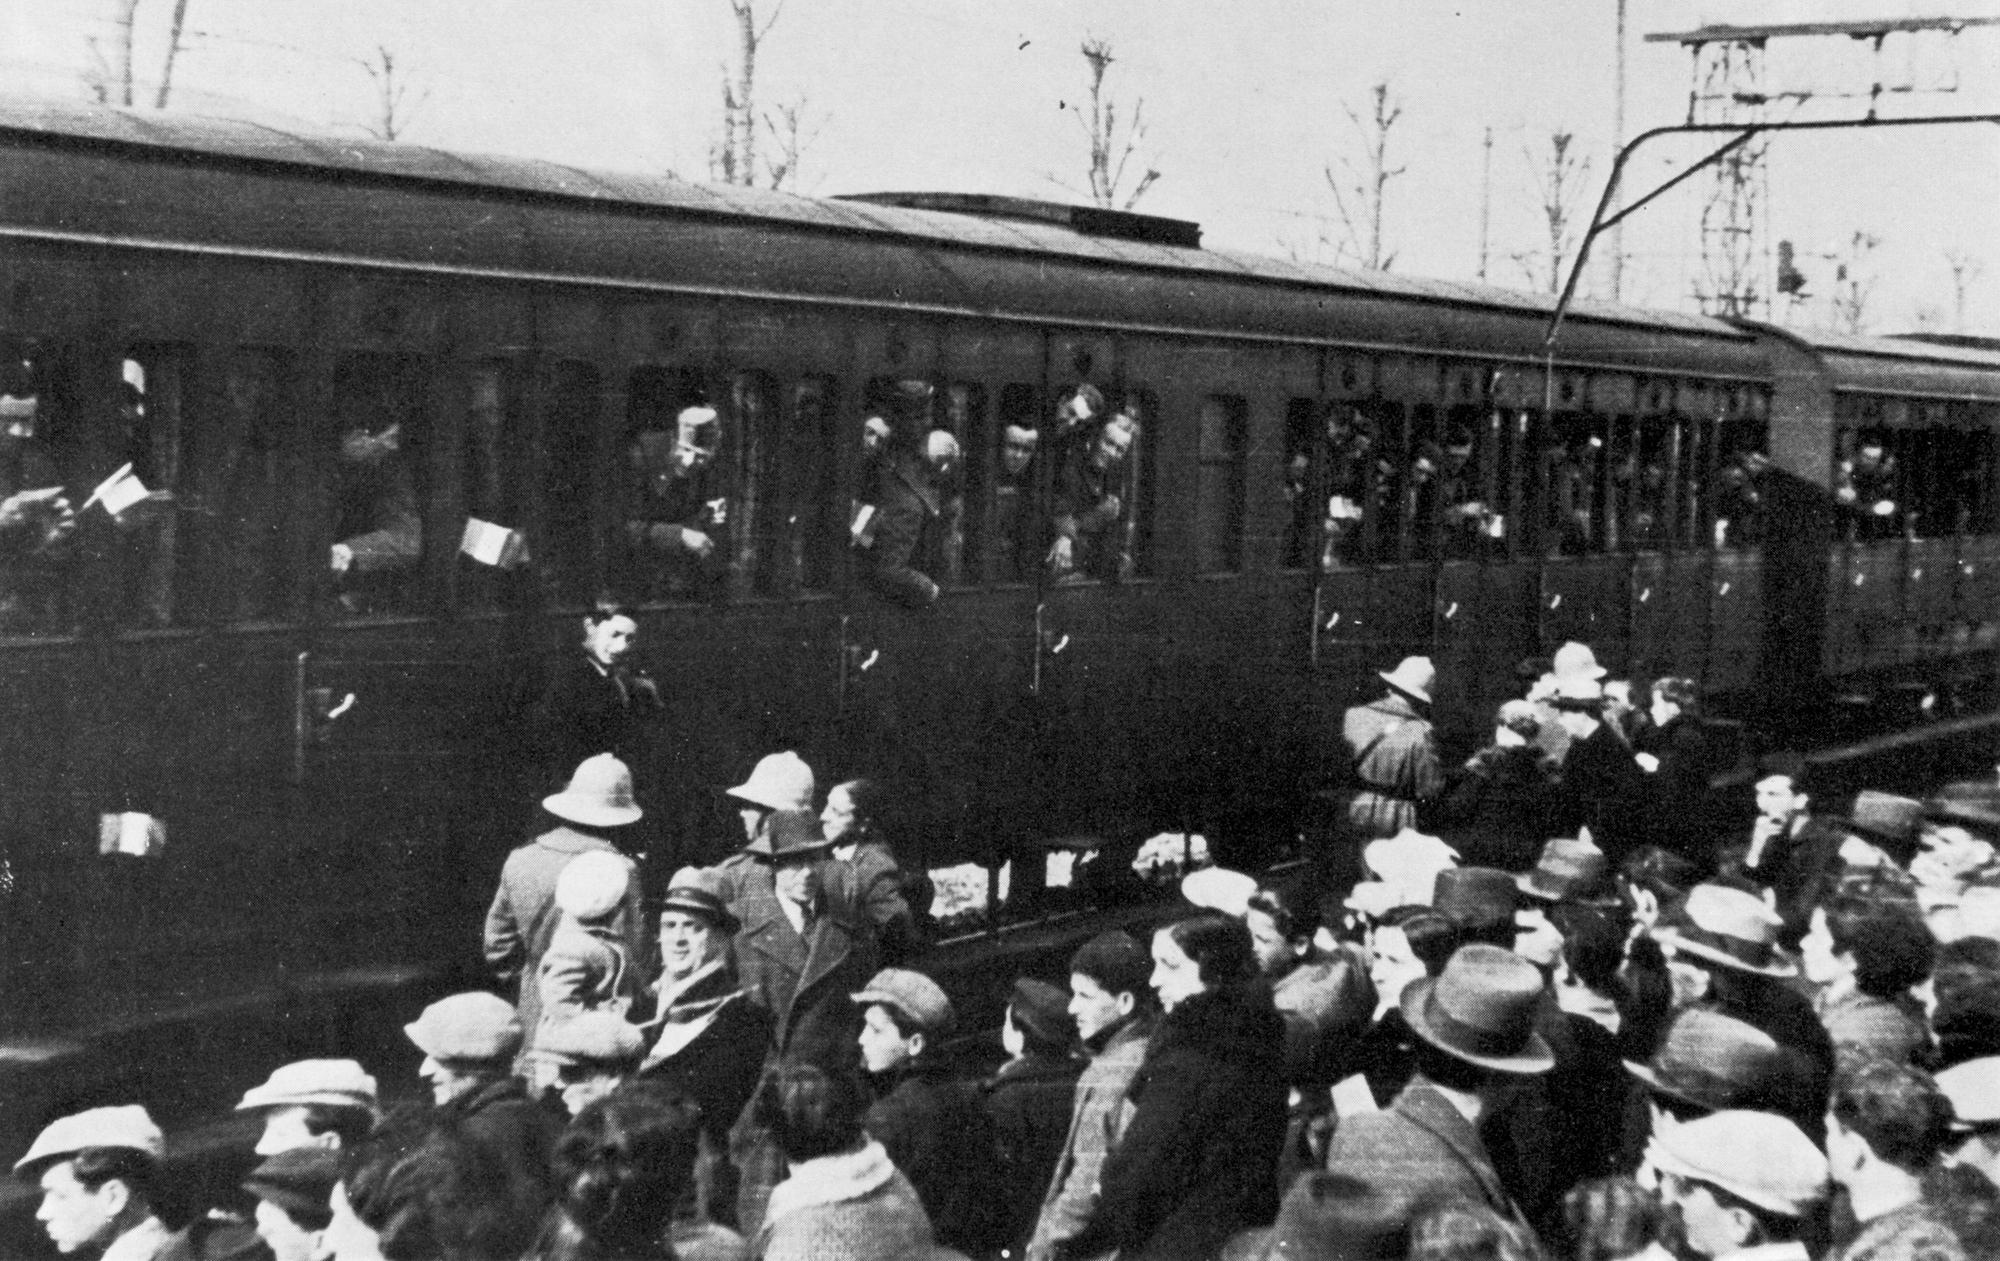 Des soldats italiens partent pour l'Afrique depuis la Toscane. On distingue déjà leurs casques coloniaux.